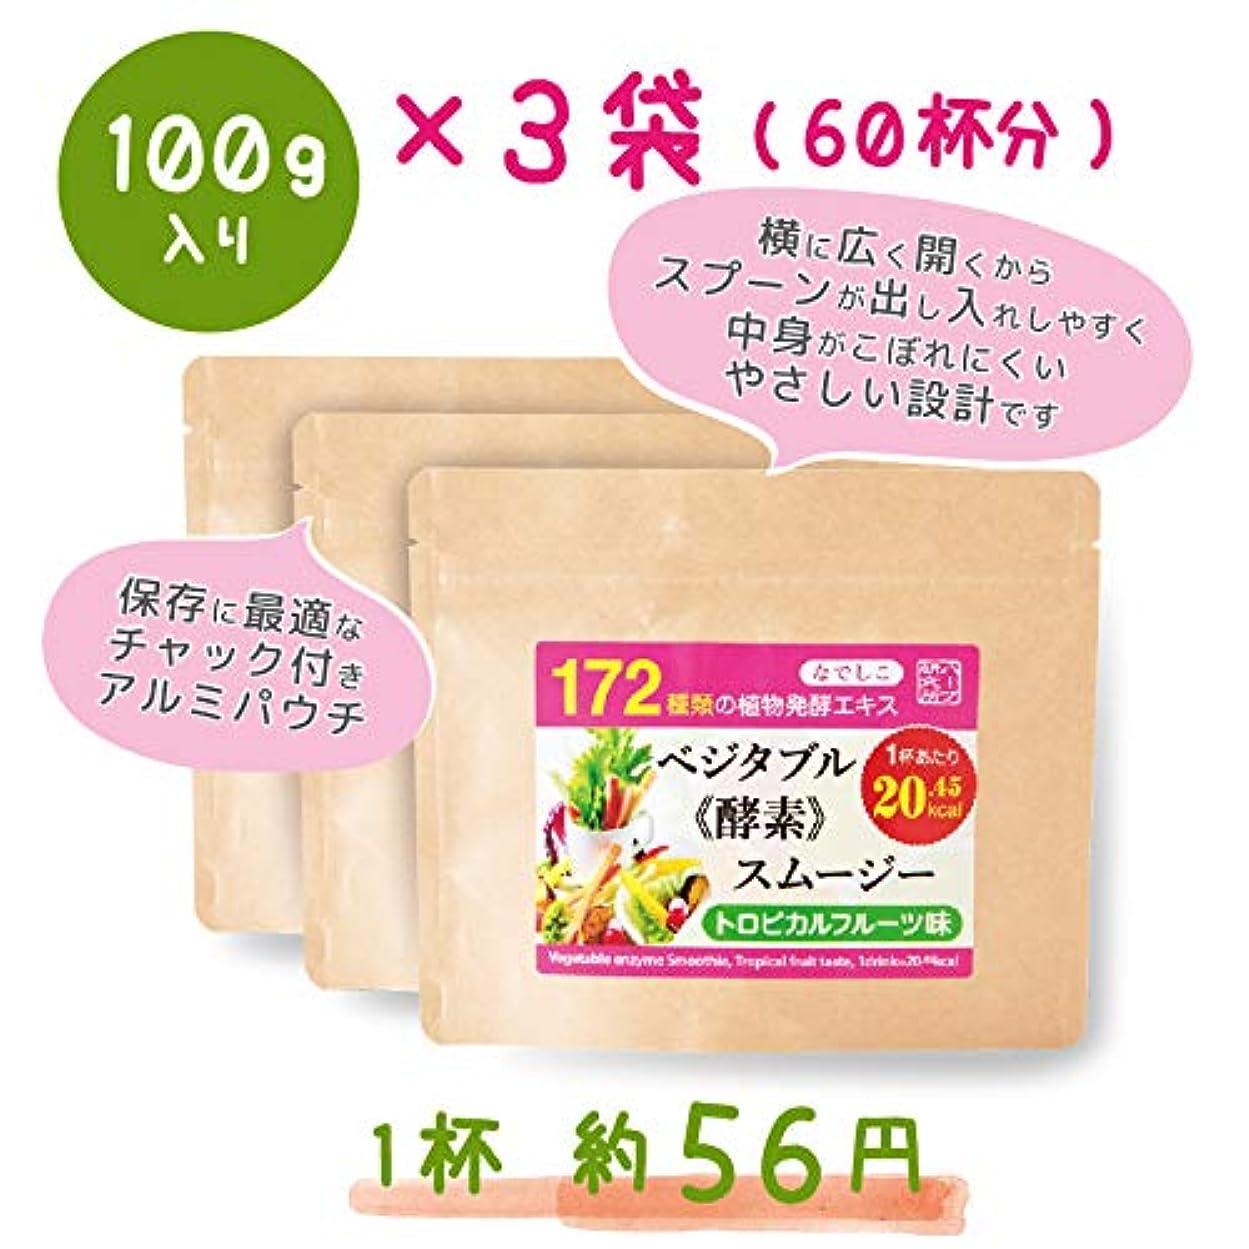 びっくりする読書コショウなでしこ ベジタブル酵素入り グリーンスムージー(トロピカルフルーツ味)300g (100g×3パック)で20%OFF